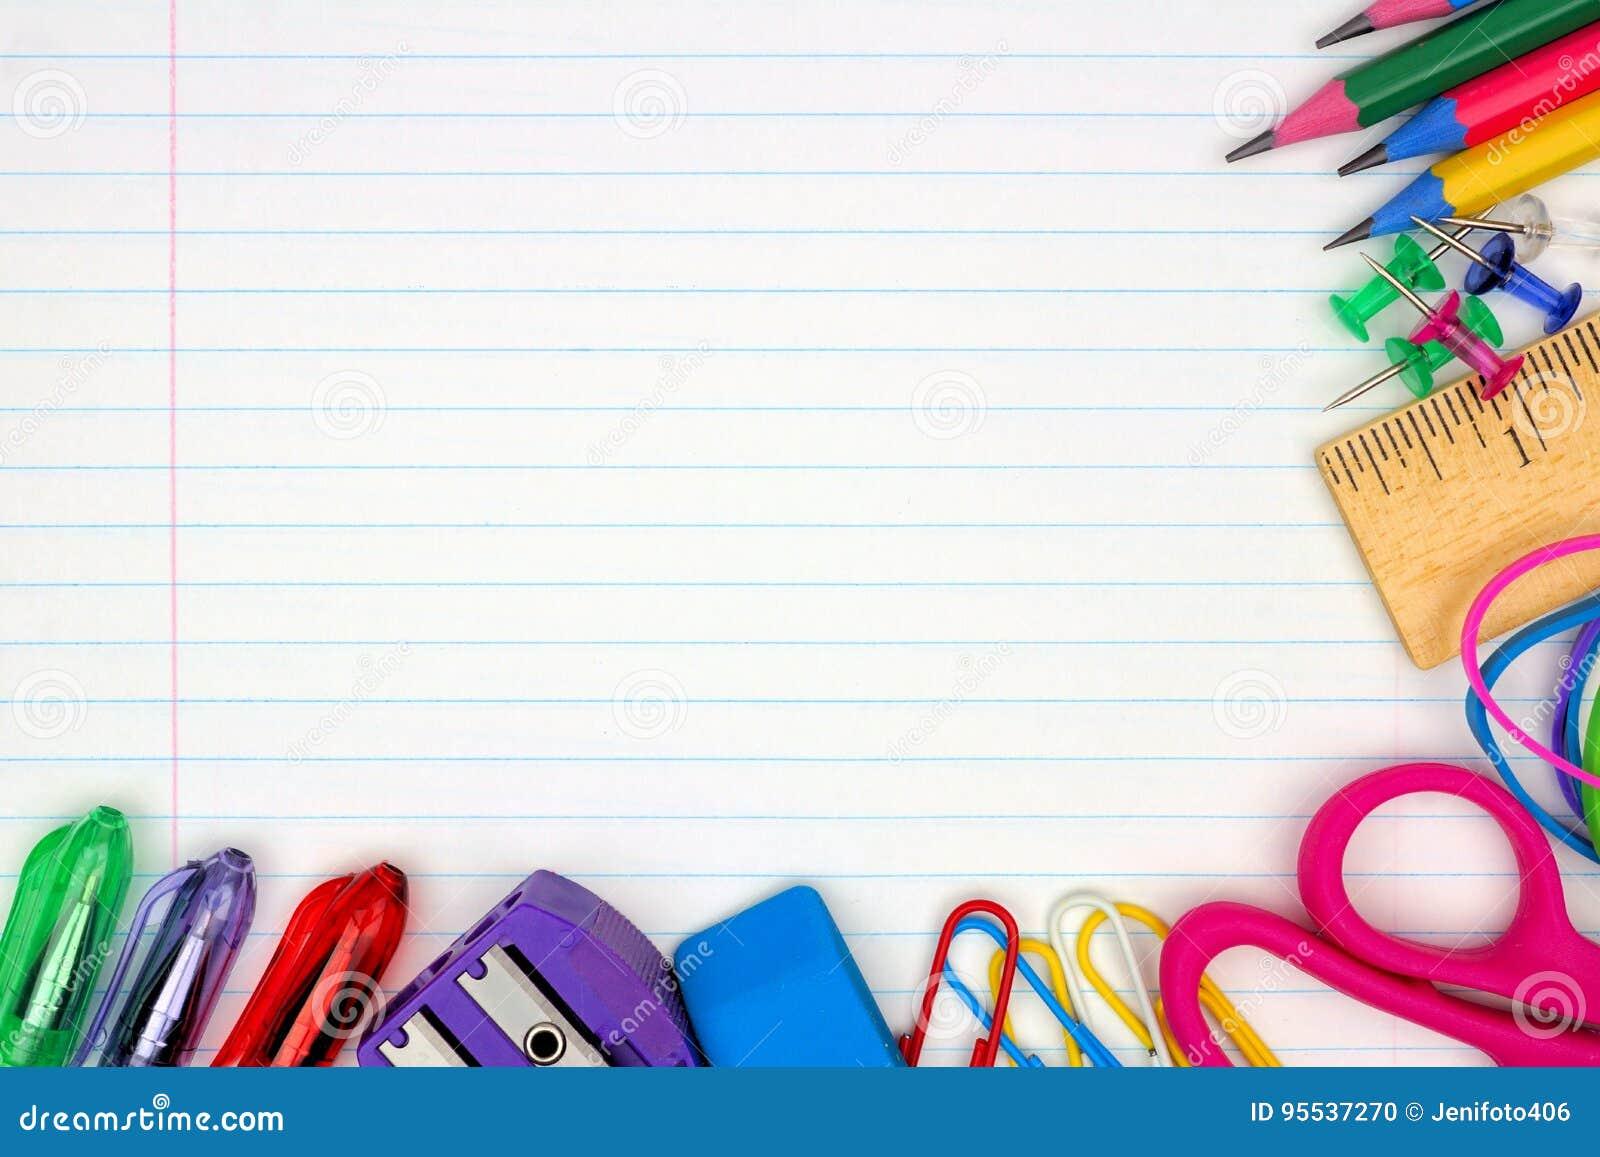 Frontière faisante le coin de fournitures scolaires sur le fond de papier rayé